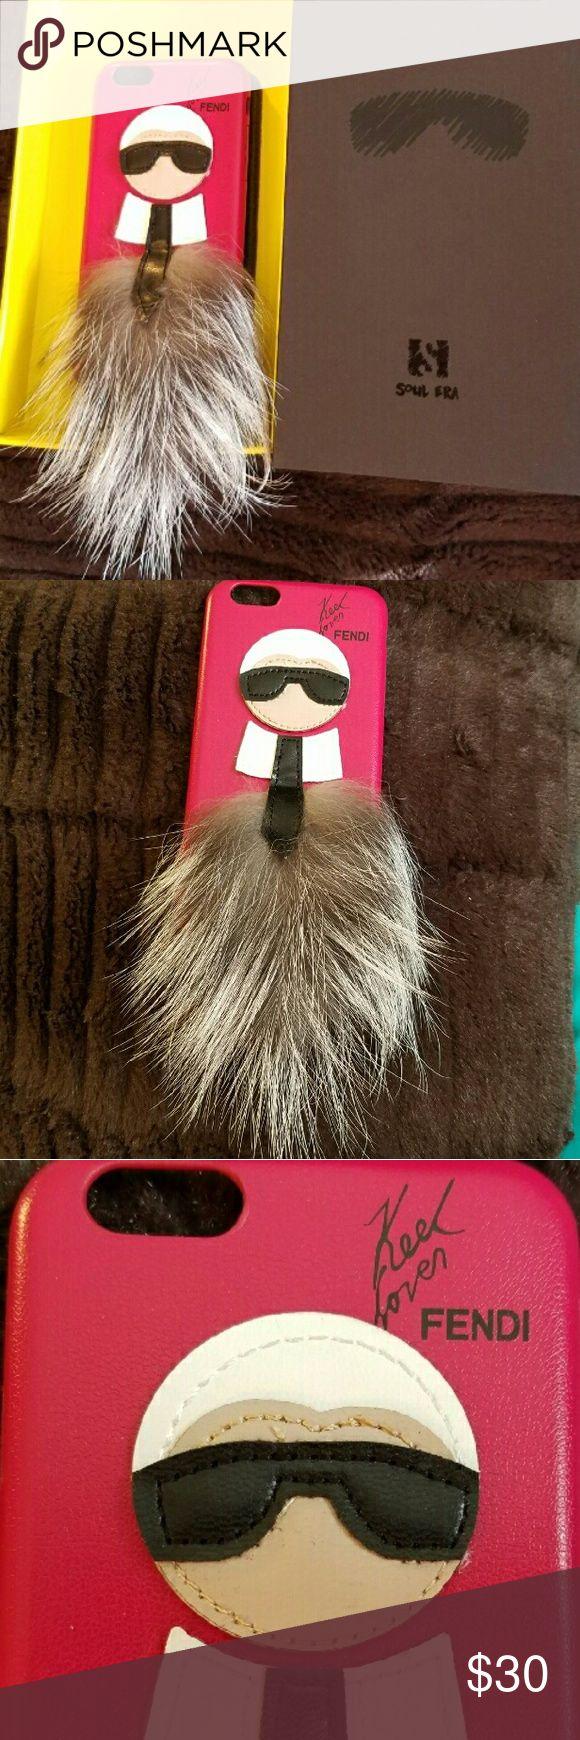 Karl Loves Fendi Phone Case